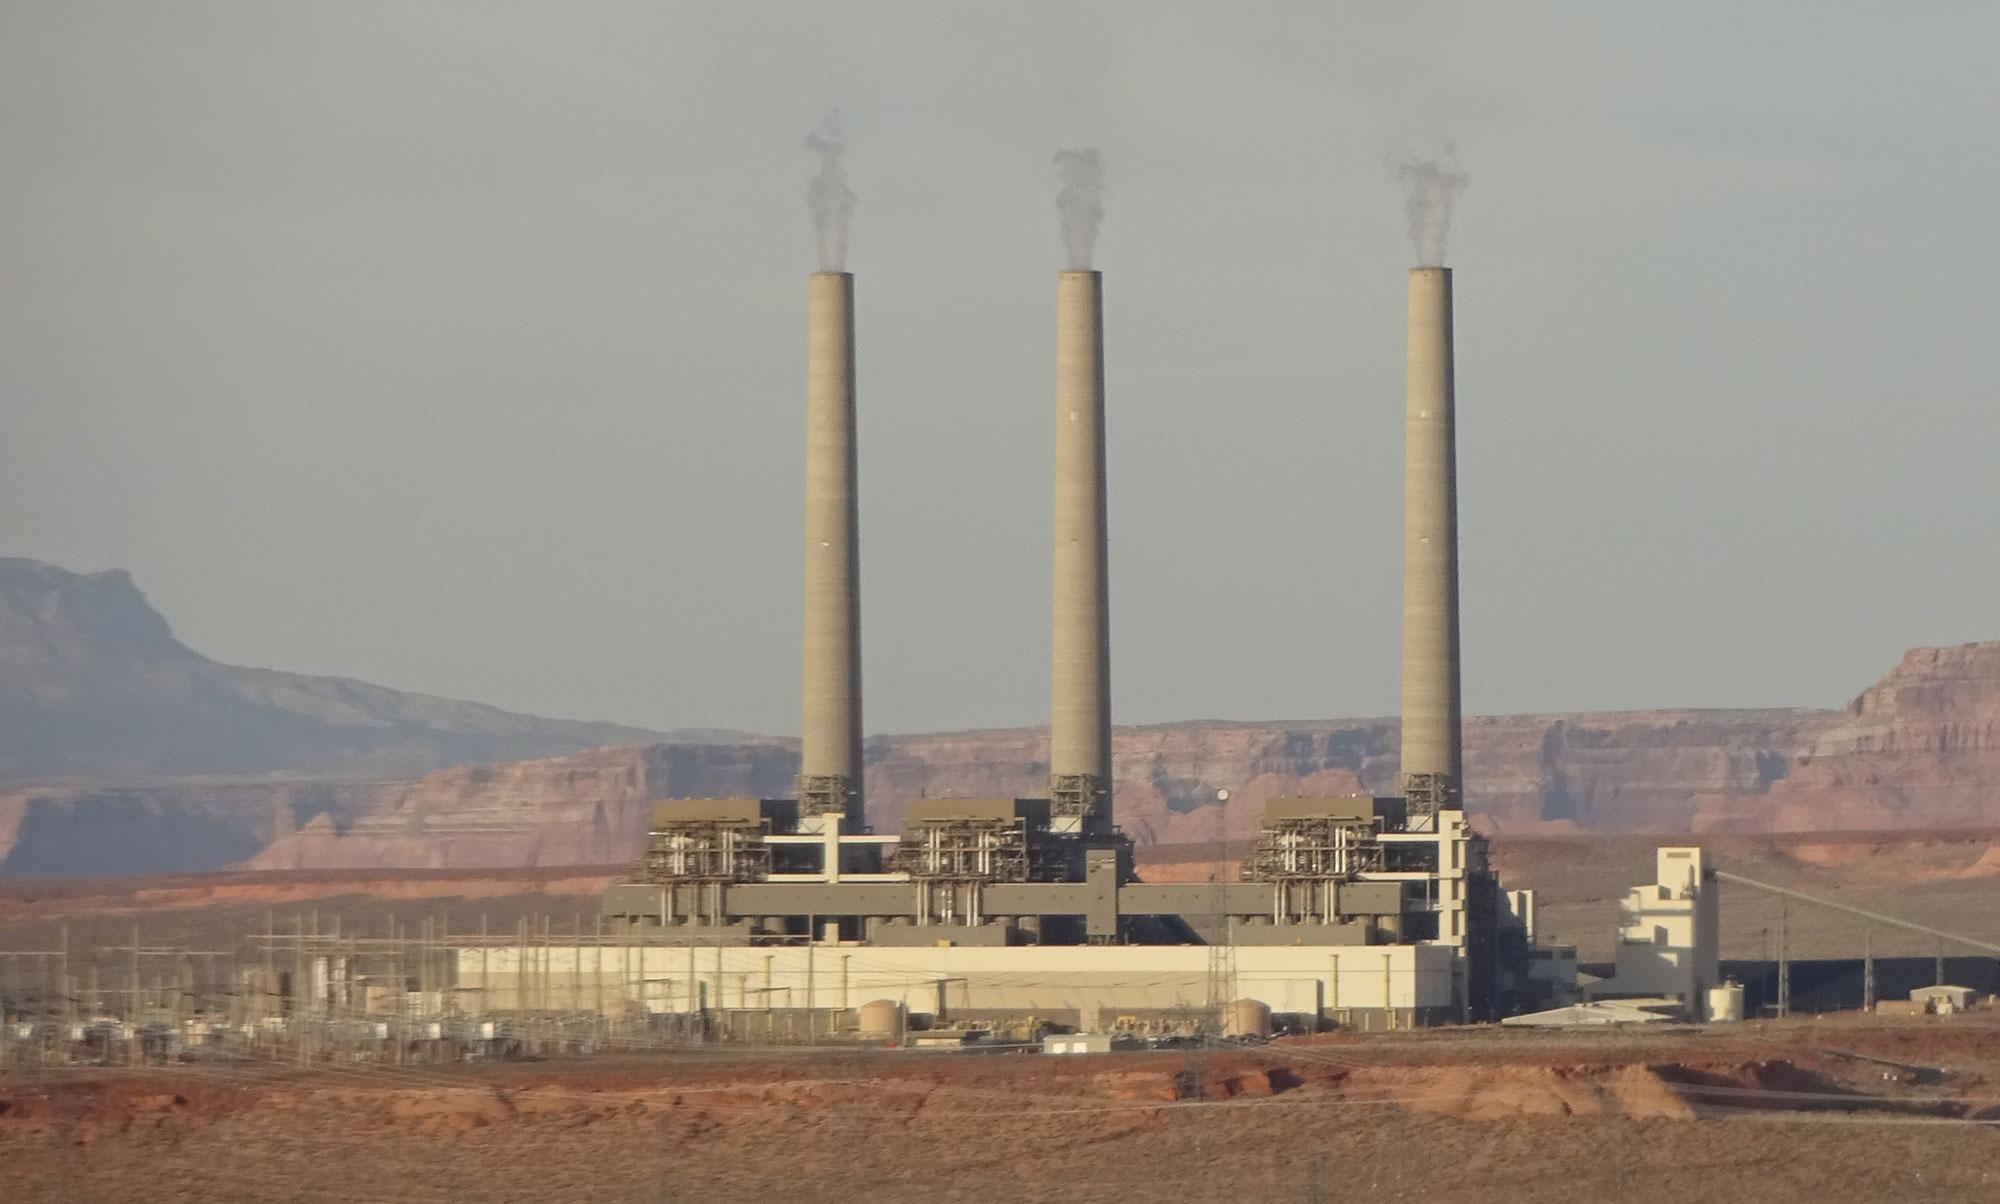 Stillegung in USA 2019 Navajo-Power-Station 2.200 MW - 3 Kessel, gebaut 1974 - 46 Jahre Betrieb